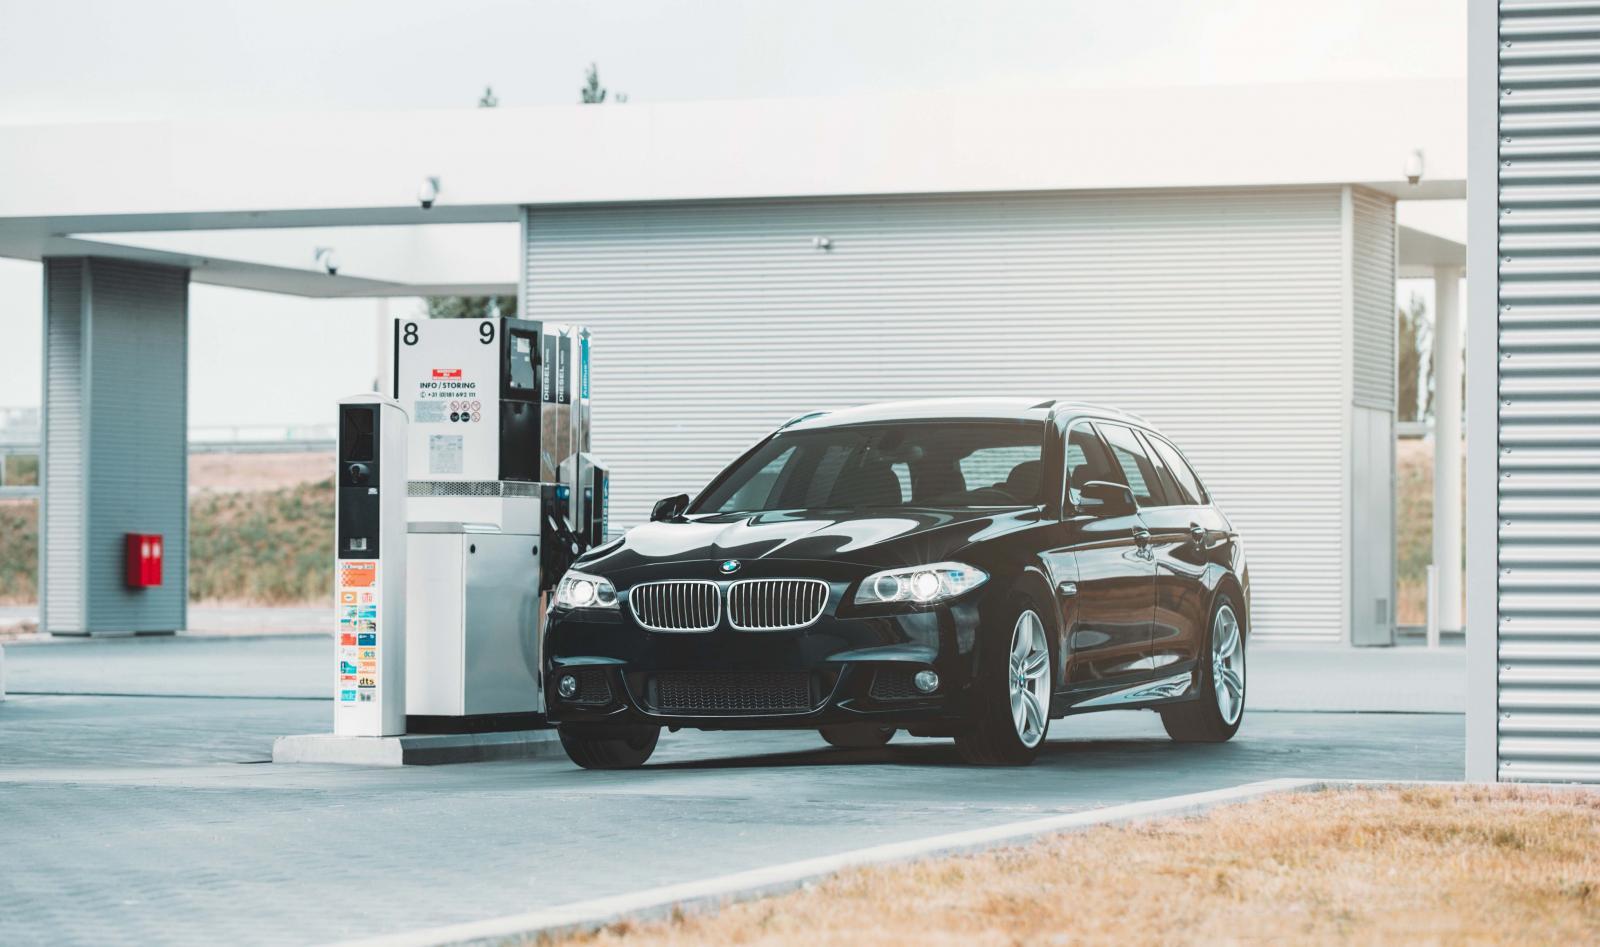 El gas natural puede ser una buena alternativa para los automóviles